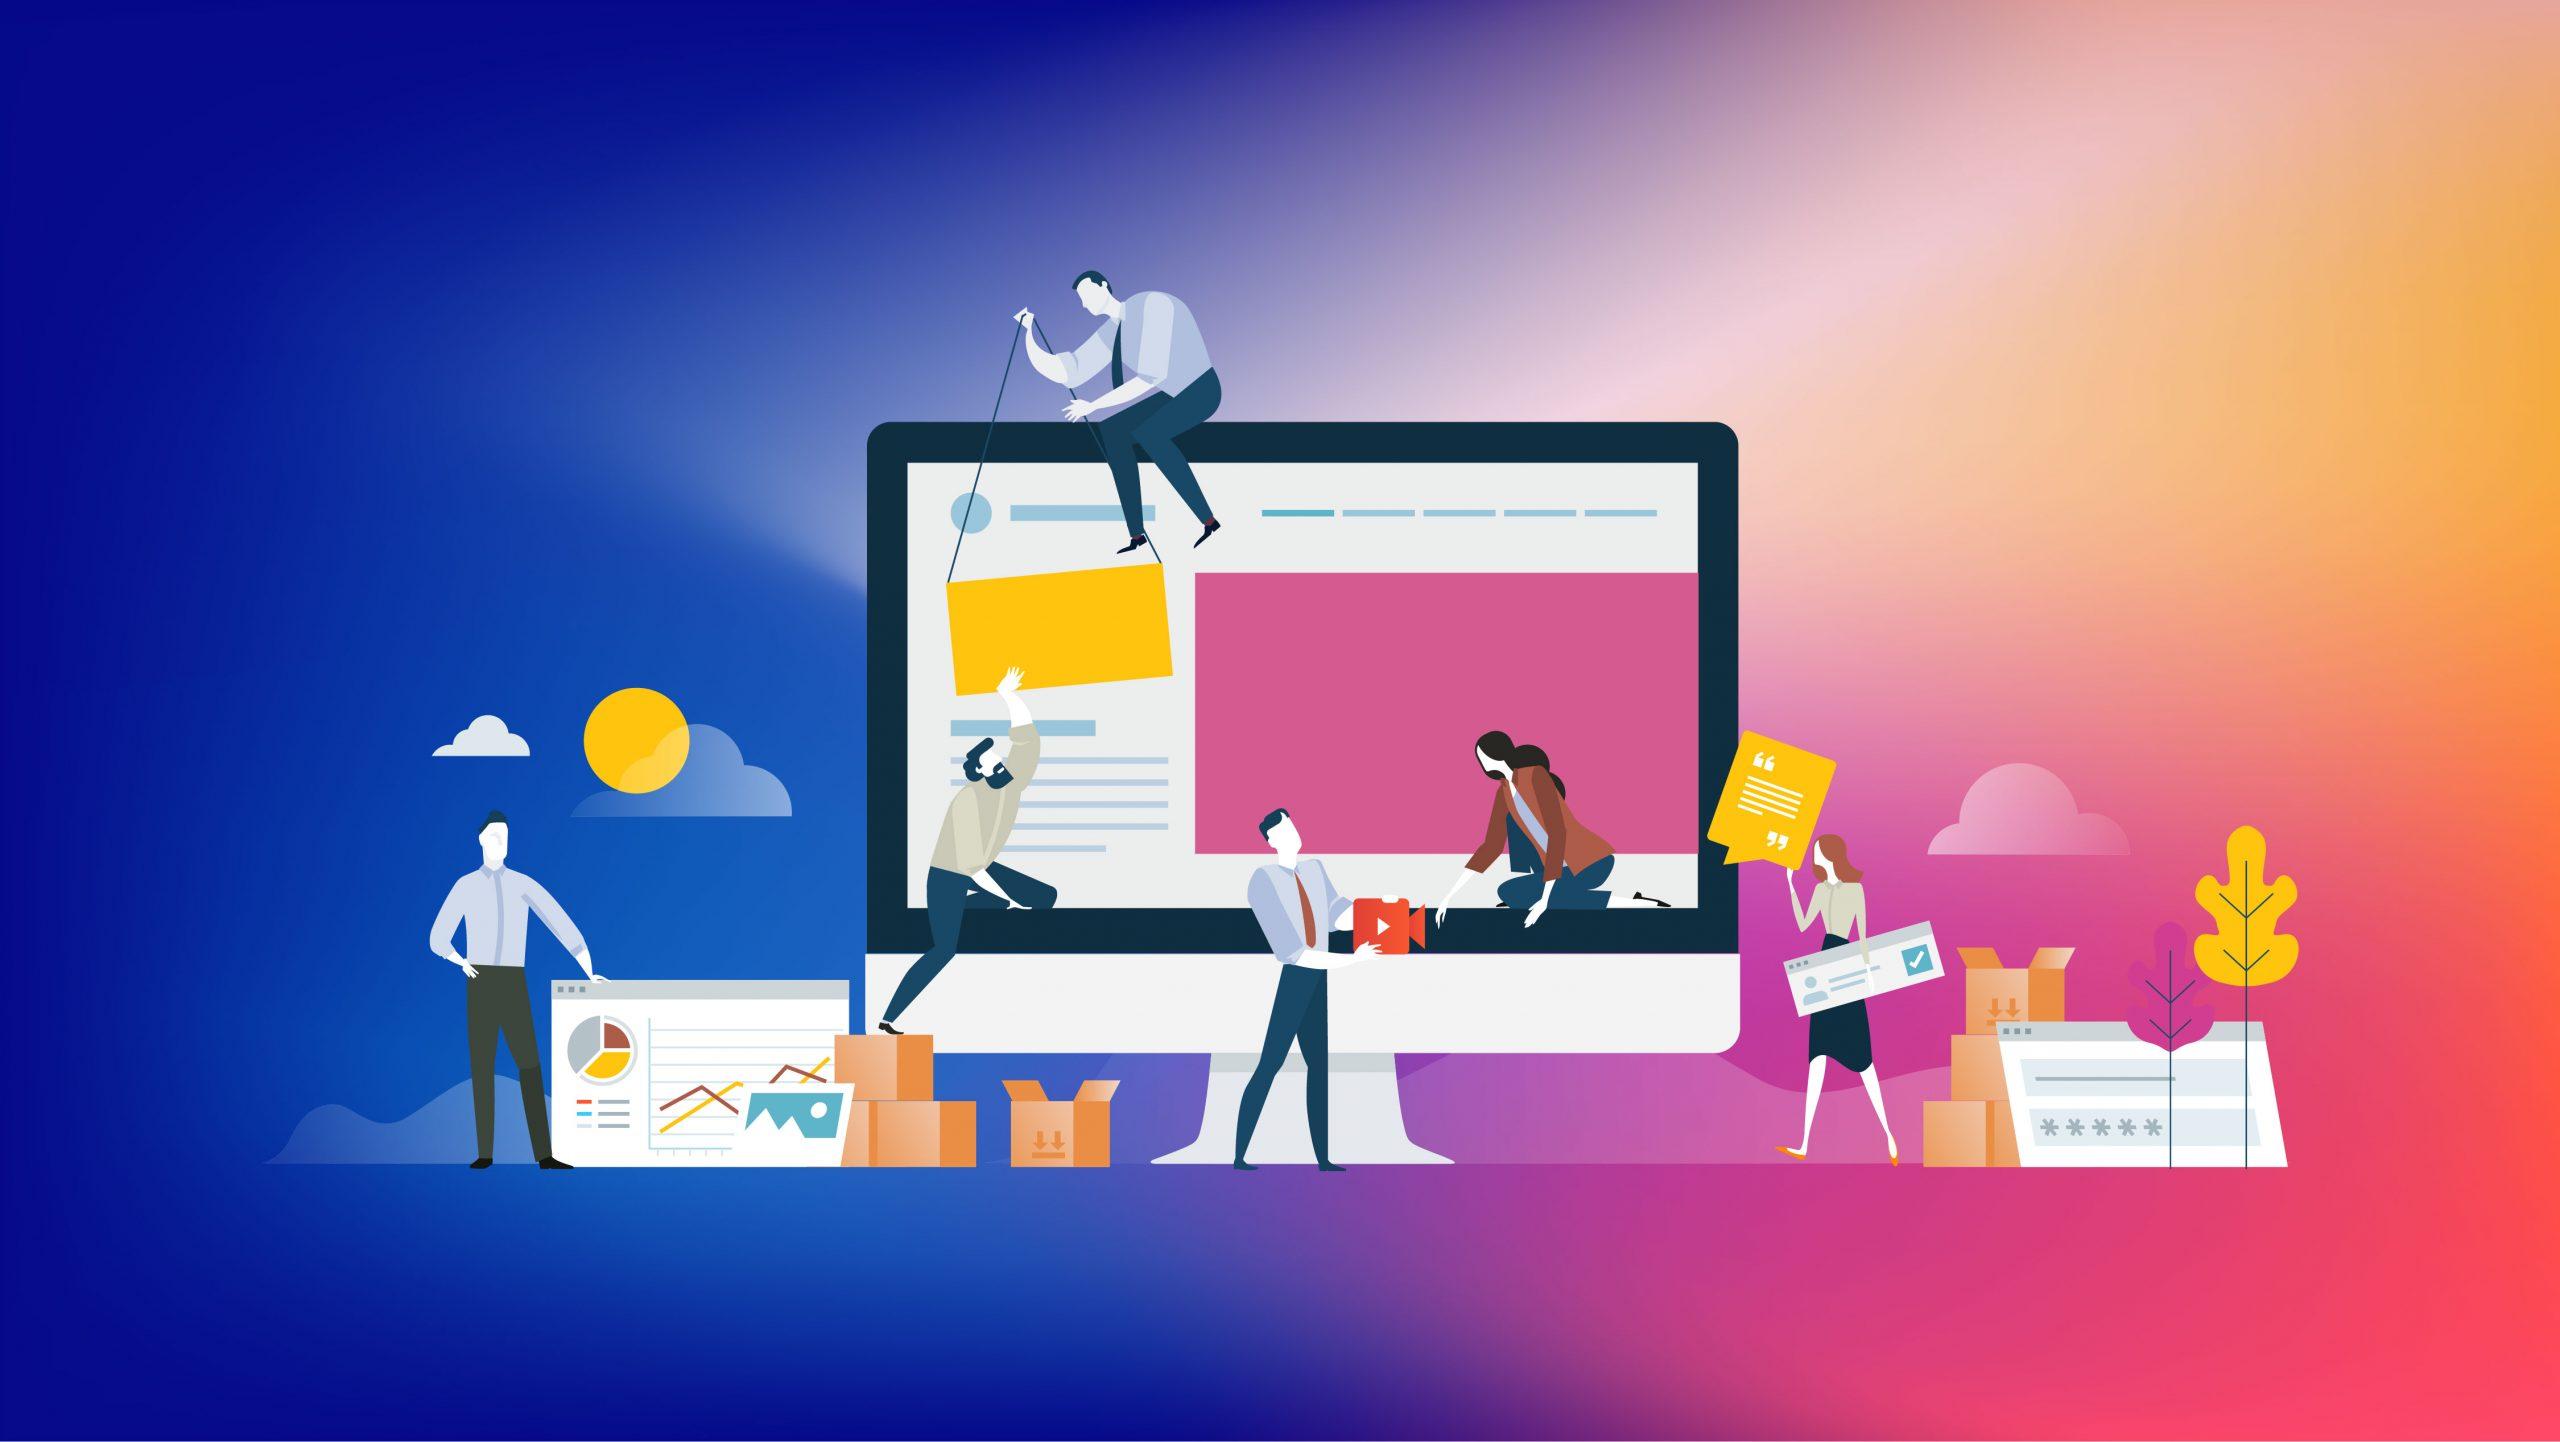 Lĩnh vực thương mại điện tử có nên thực hiện SEO Landing Page? - Chin Media